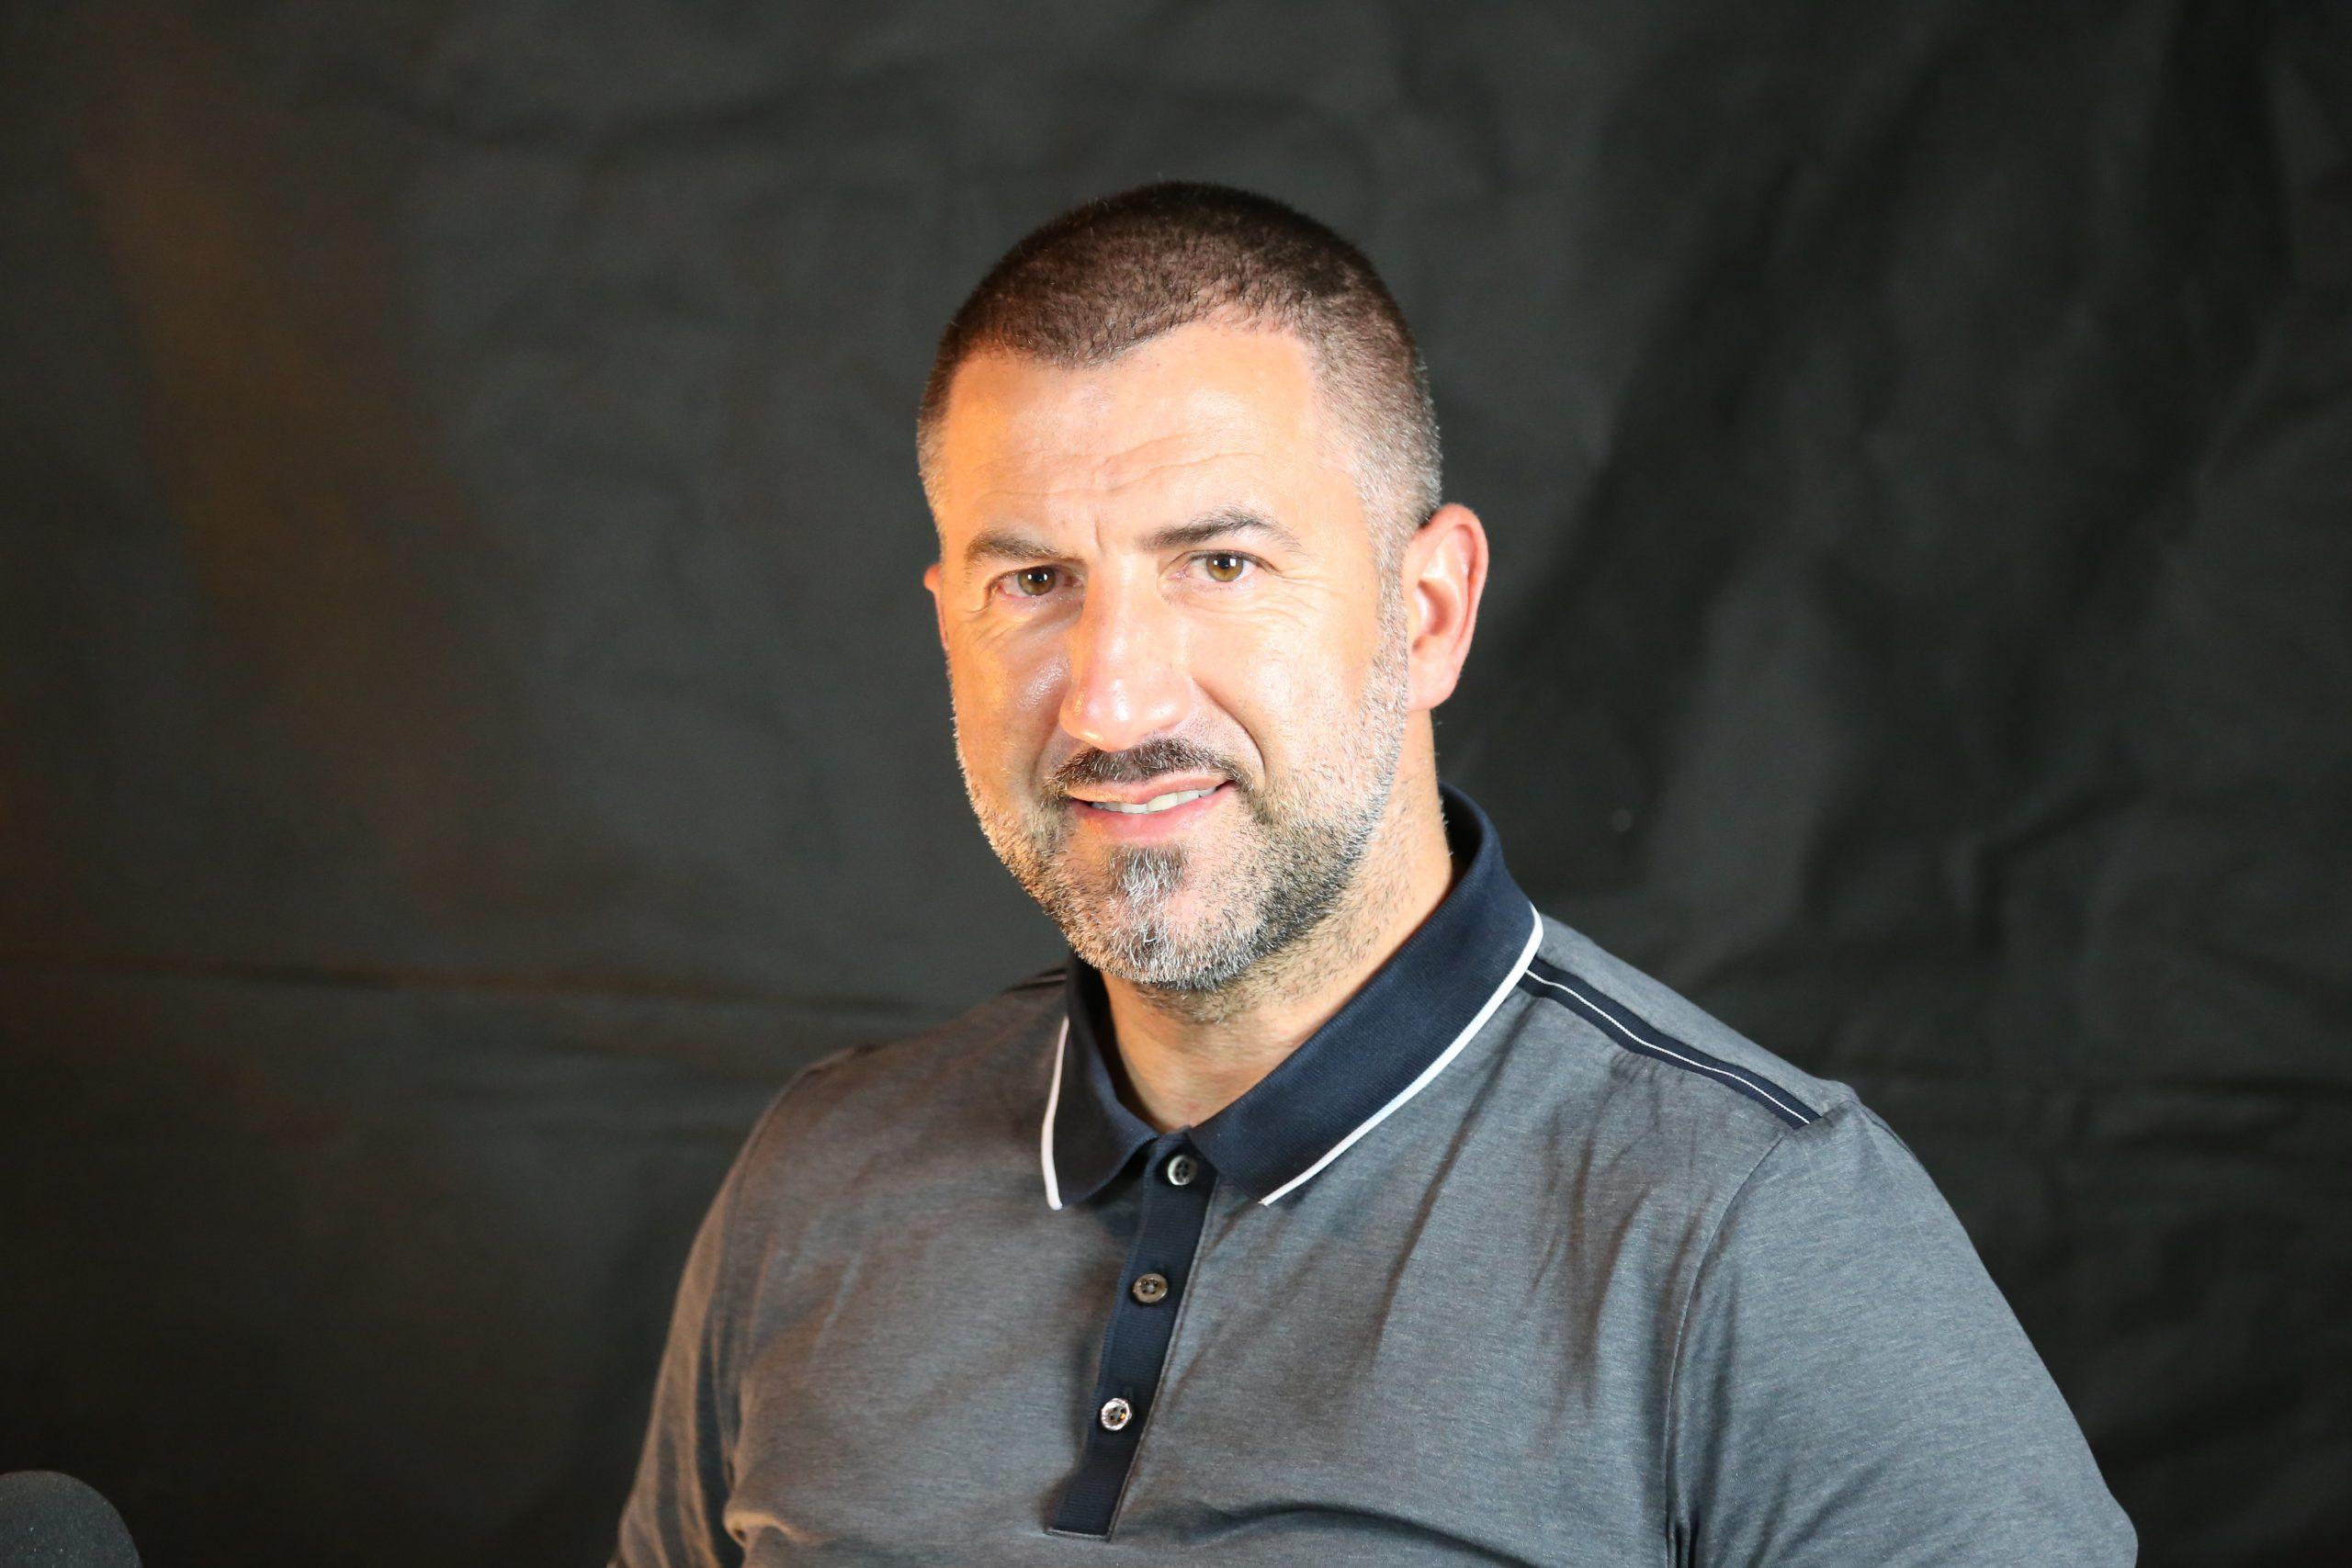 Carlos Carneiro